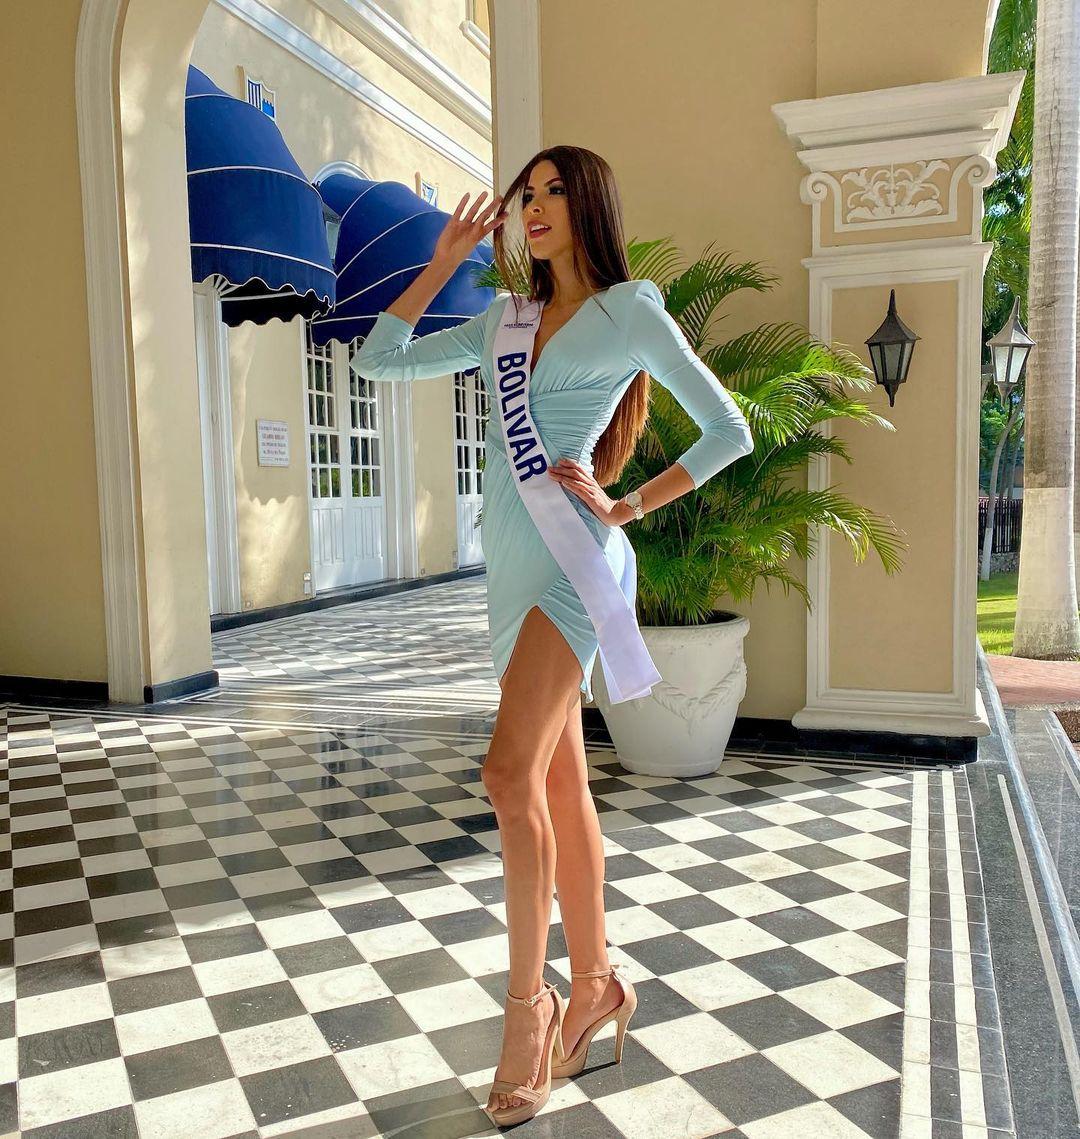 laura olascuaga, top 21 de miss universe 2020. - Página 2 Laurao33